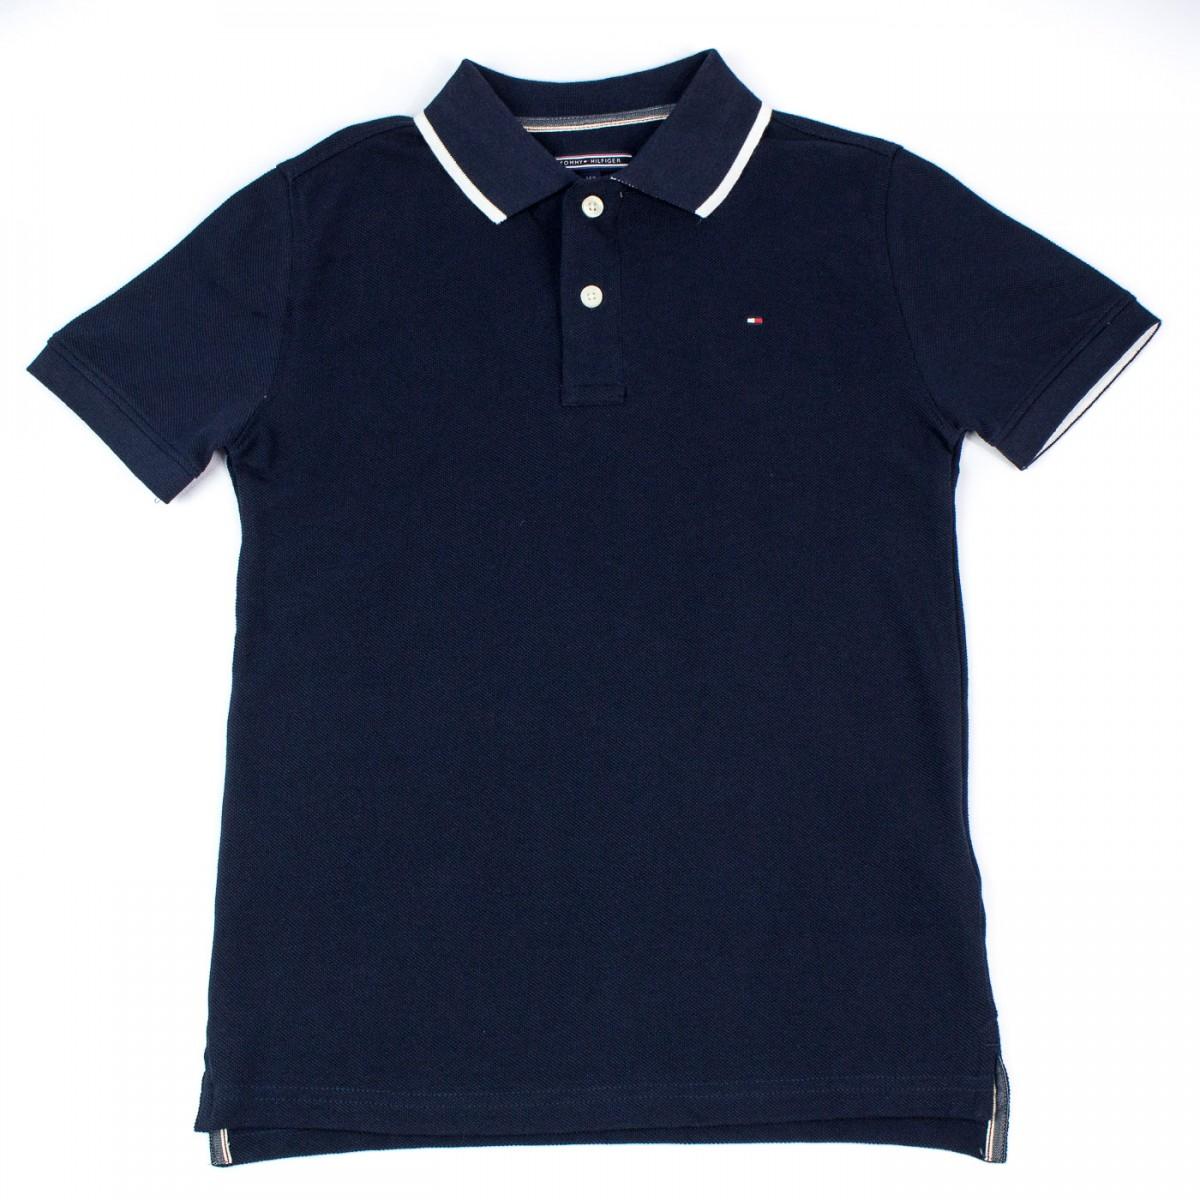 Camisa Polo Infantil Tommy Hilfiger Thkkb0p29334 Marinho